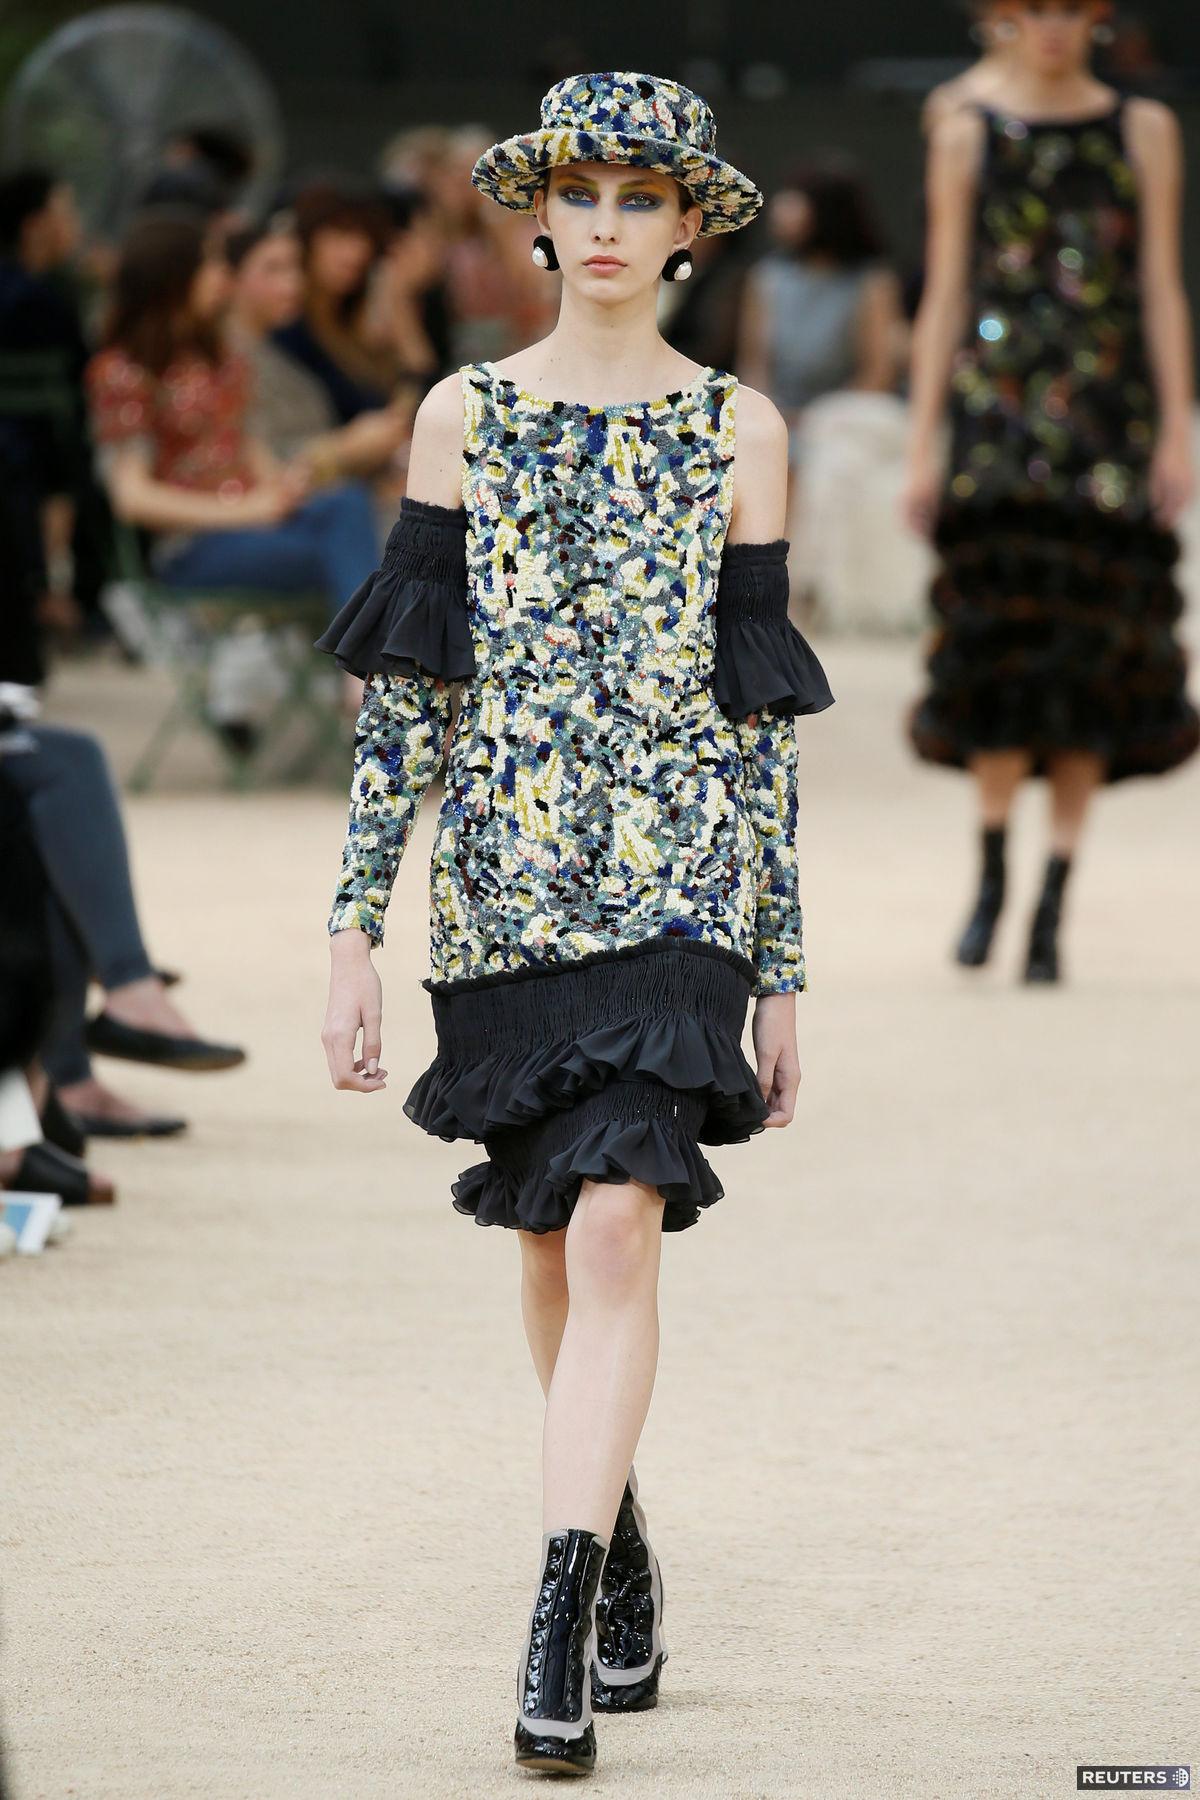 c95f7ebbac55 Úchvatná móda couture ovládla Paríž  Dych vyrazil luxus aj hodiny práce